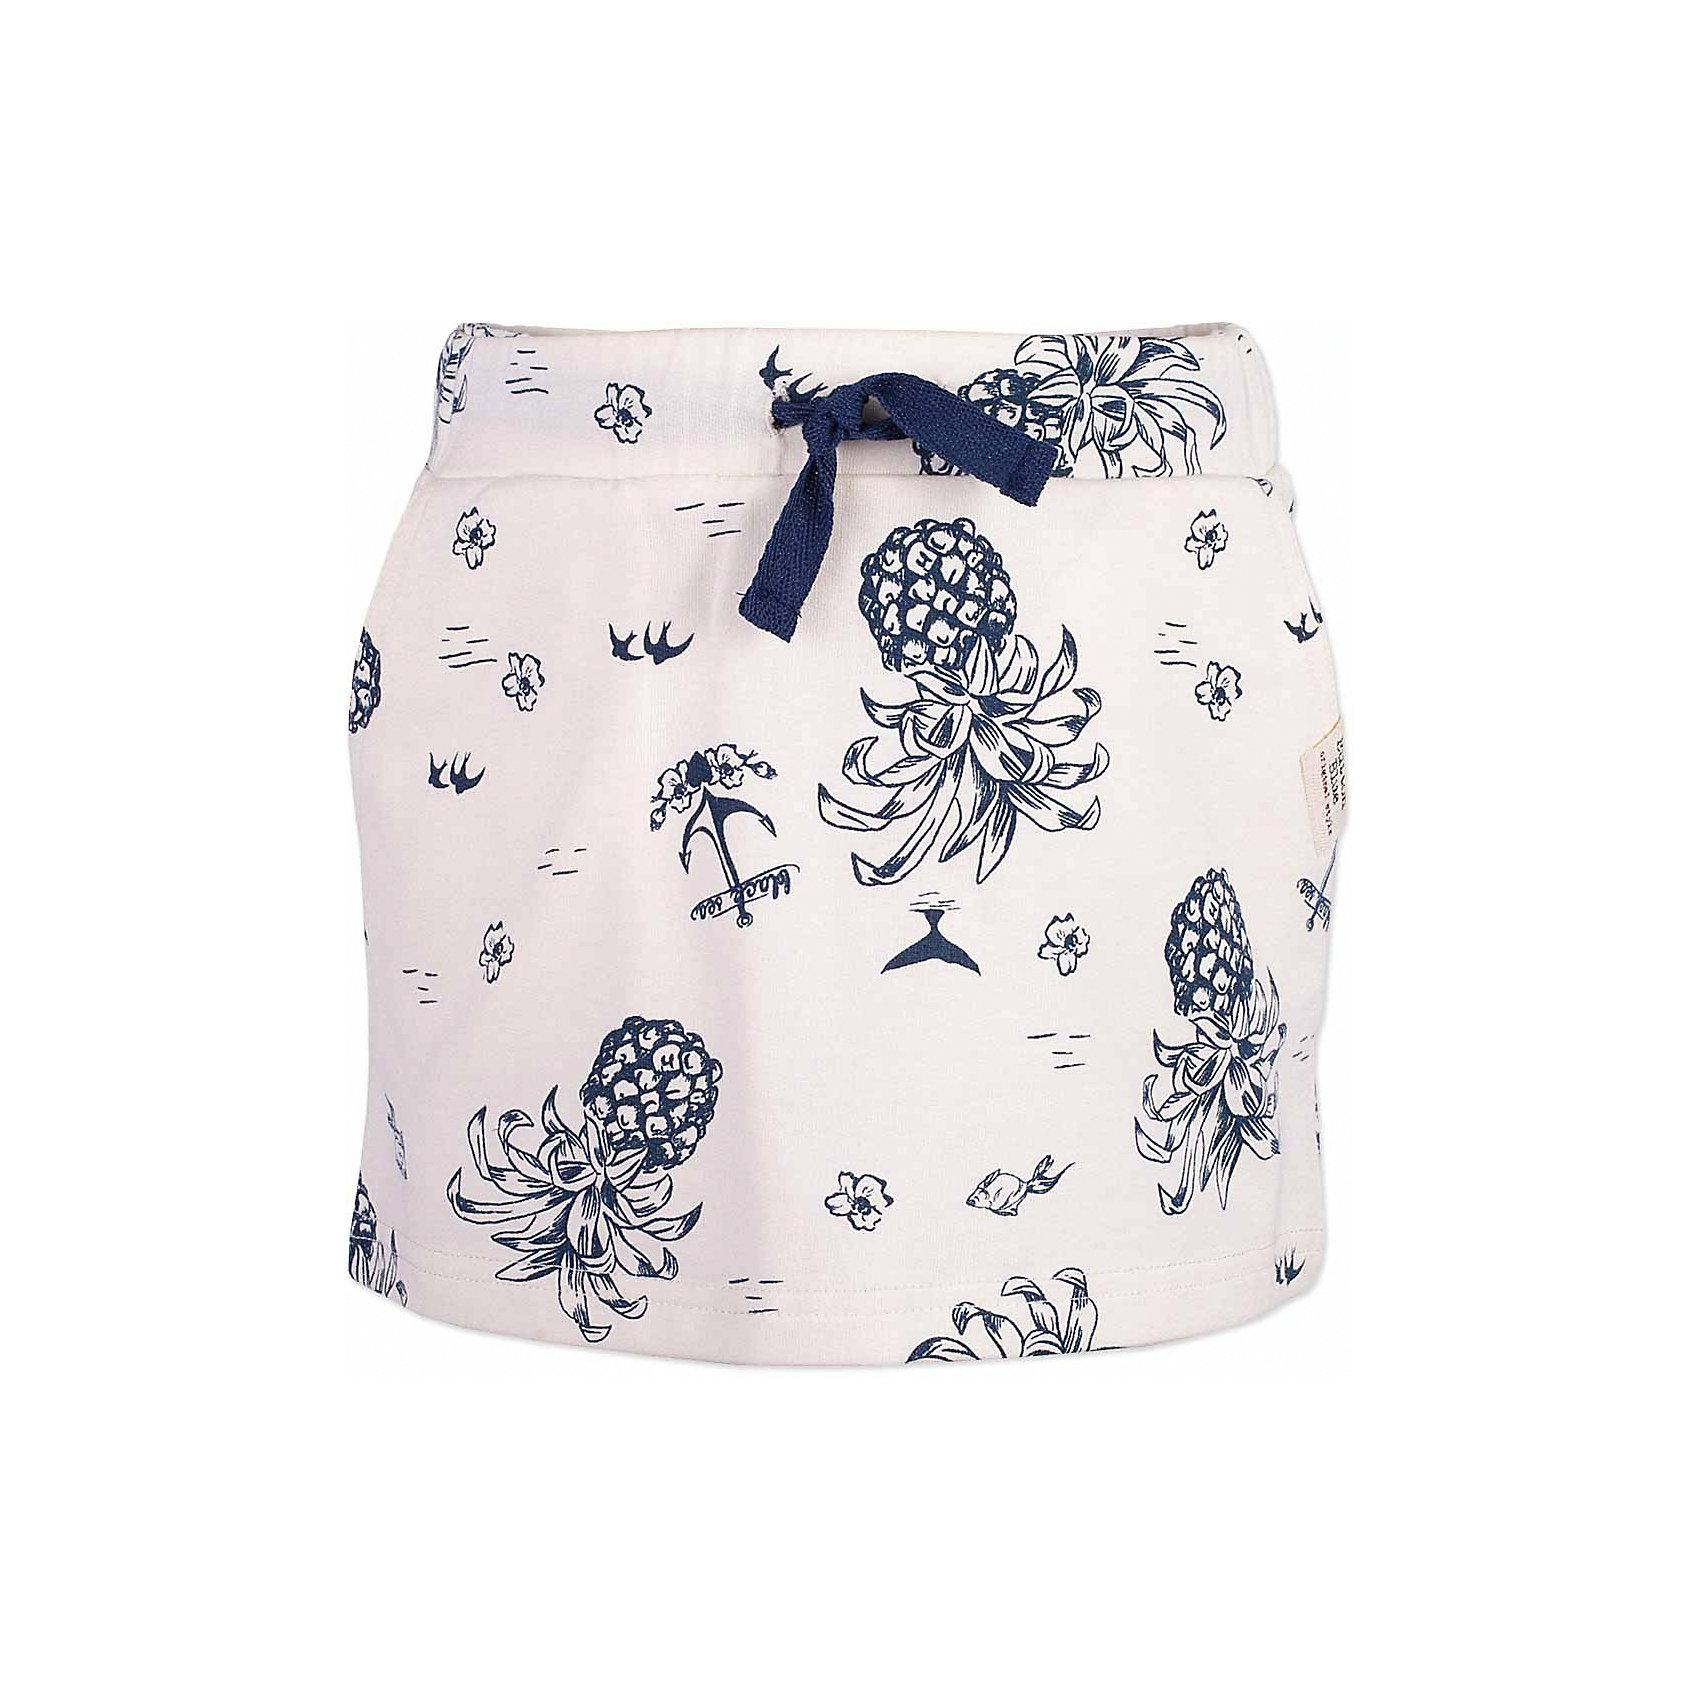 Юбка для девочки  BUTTON BLUEЮбки<br>Юбка для девочки  BUTTON BLUE<br>Не один детский гардероб не обойдется без летней юбки. А если она еще и красива, и удобна, и продается по доступной цене, эта юбка девочке просто необходима! Если вы хотите купить стильную трикотажную юбку недорого, не сомневаясь в ее качестве, комфорте и высоких потребительских свойствах, эта симпатичная модель в спортивном стиле — отличный вариант!<br>Состав:<br>60% хлопок 40% полиэстер<br><br>Ширина мм: 207<br>Глубина мм: 10<br>Высота мм: 189<br>Вес г: 183<br>Цвет: разноцветный<br>Возраст от месяцев: 24<br>Возраст до месяцев: 36<br>Пол: Женский<br>Возраст: Детский<br>Размер: 98,110,122,134,104<br>SKU: 5523553